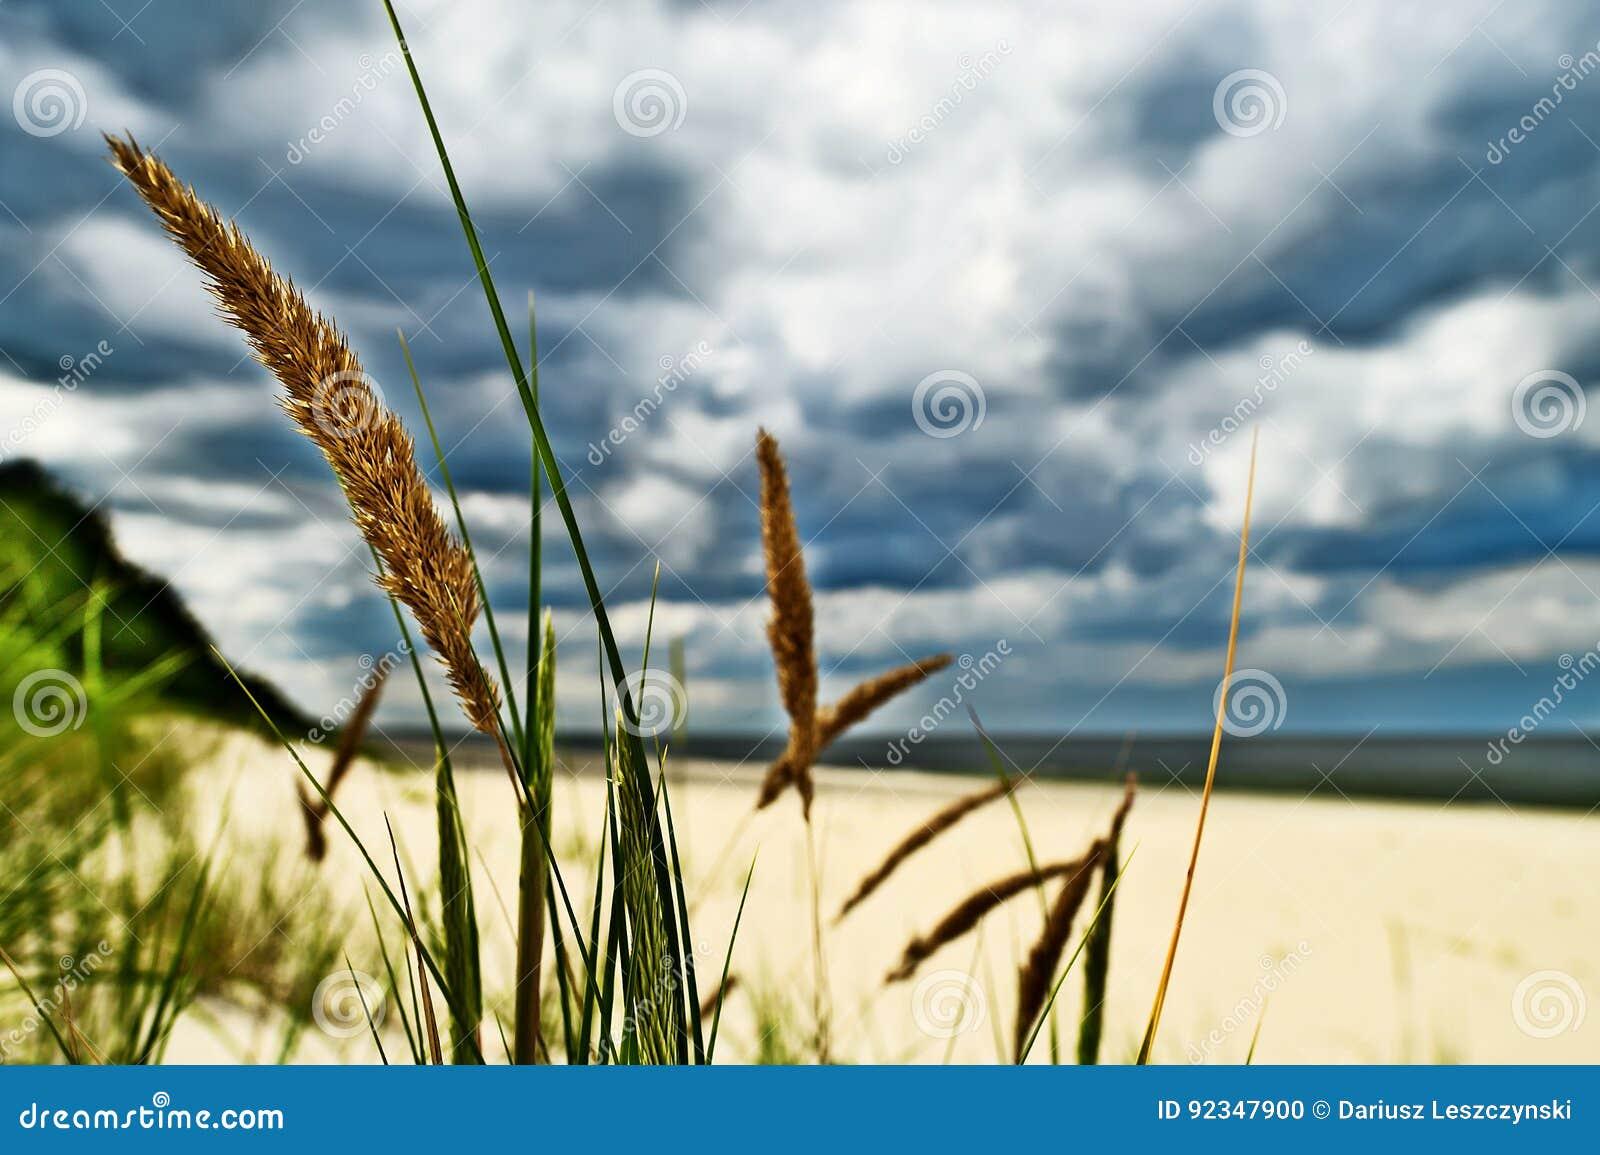 Baltica di calammophila della pianta dell 39 erba che cresce - Alla colorazione della spiaggia ...